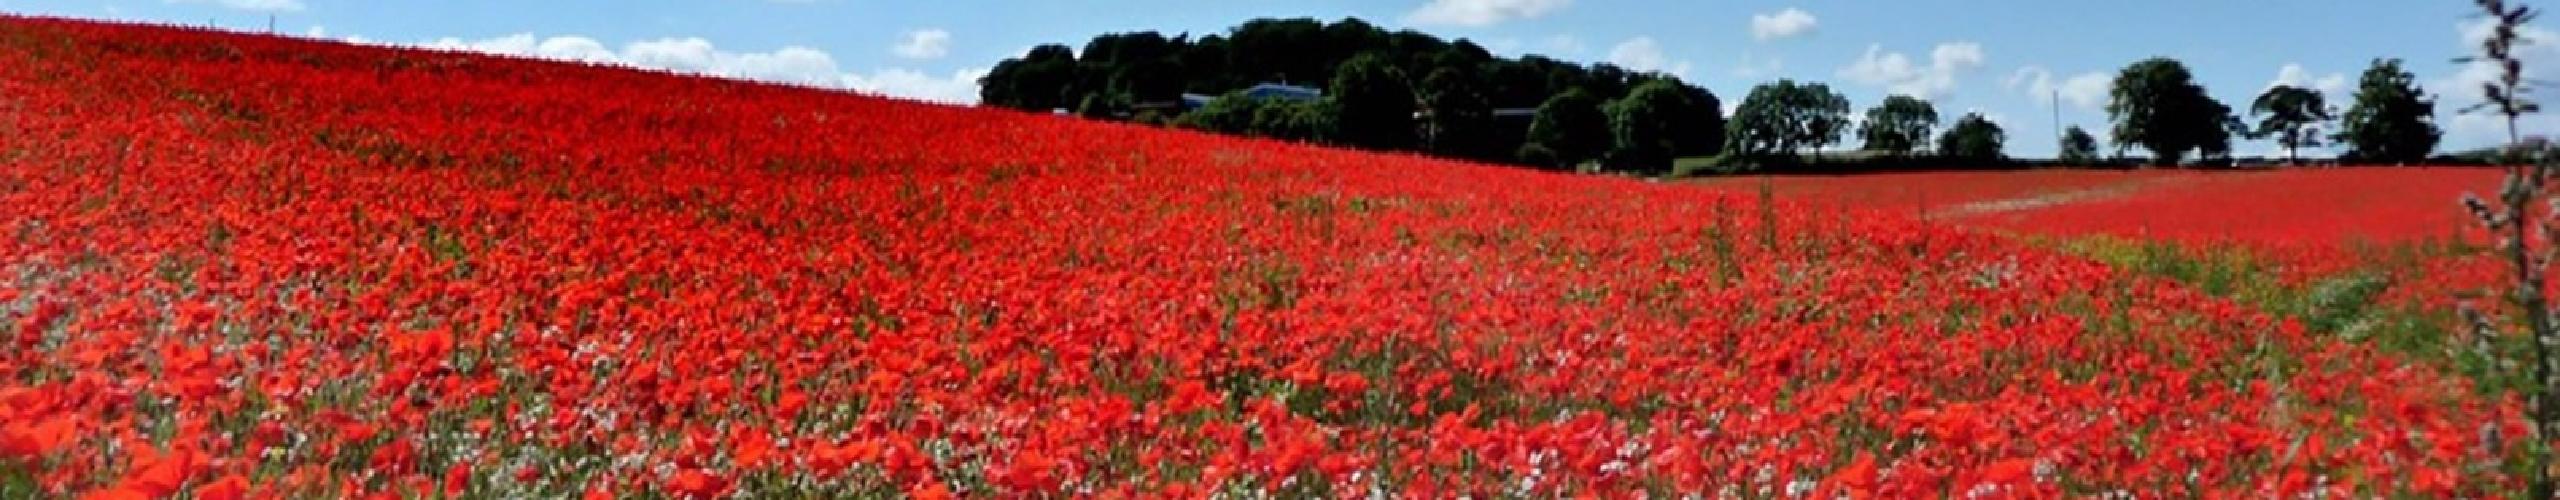 Poppies in field